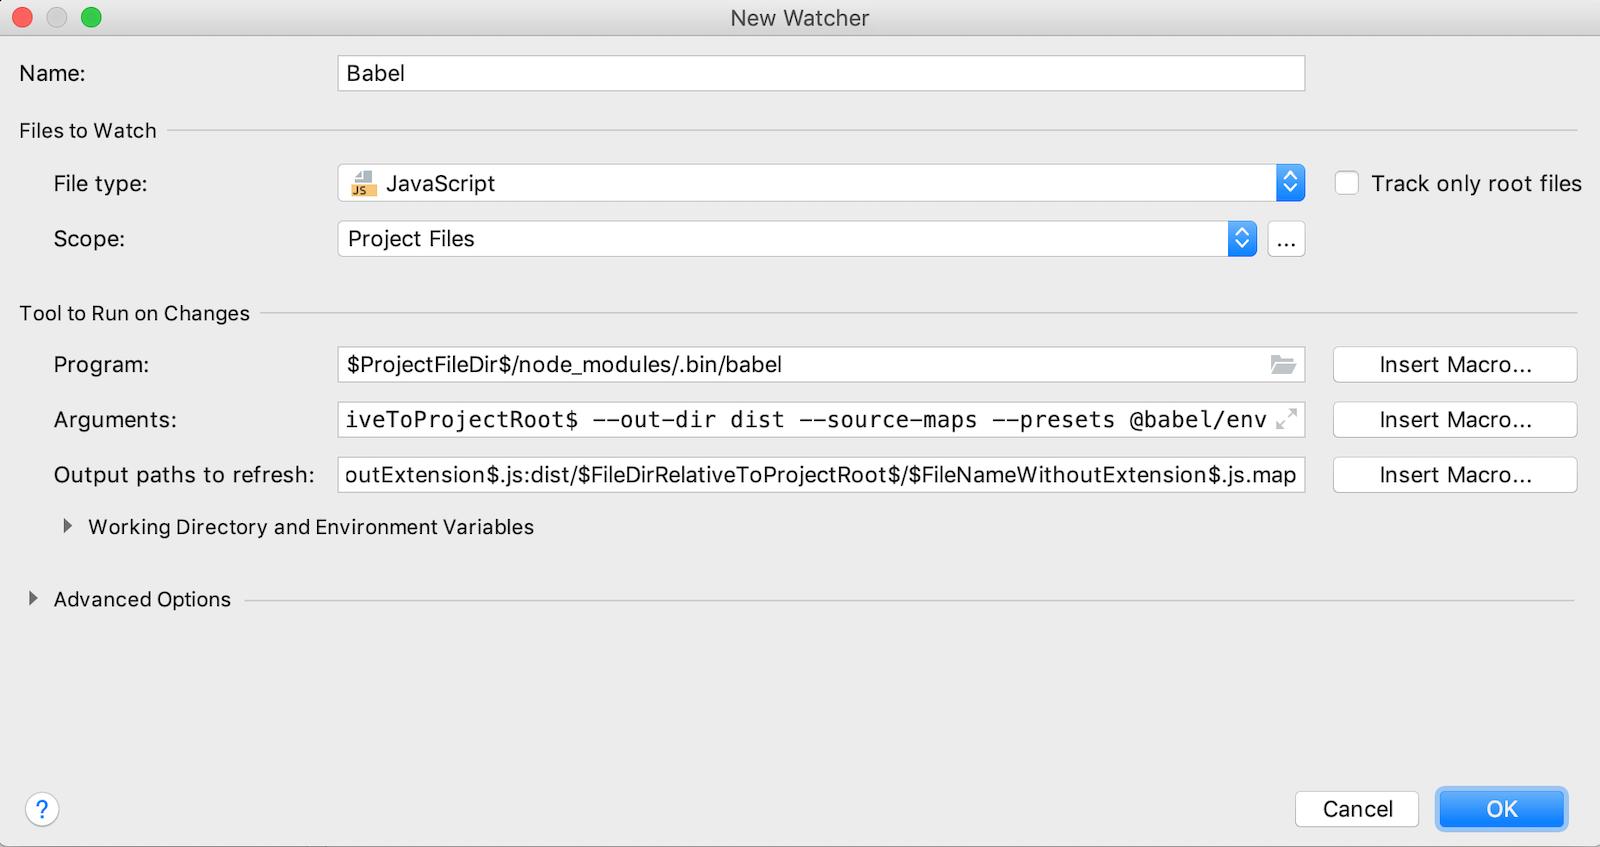 File watcher setup for Babel